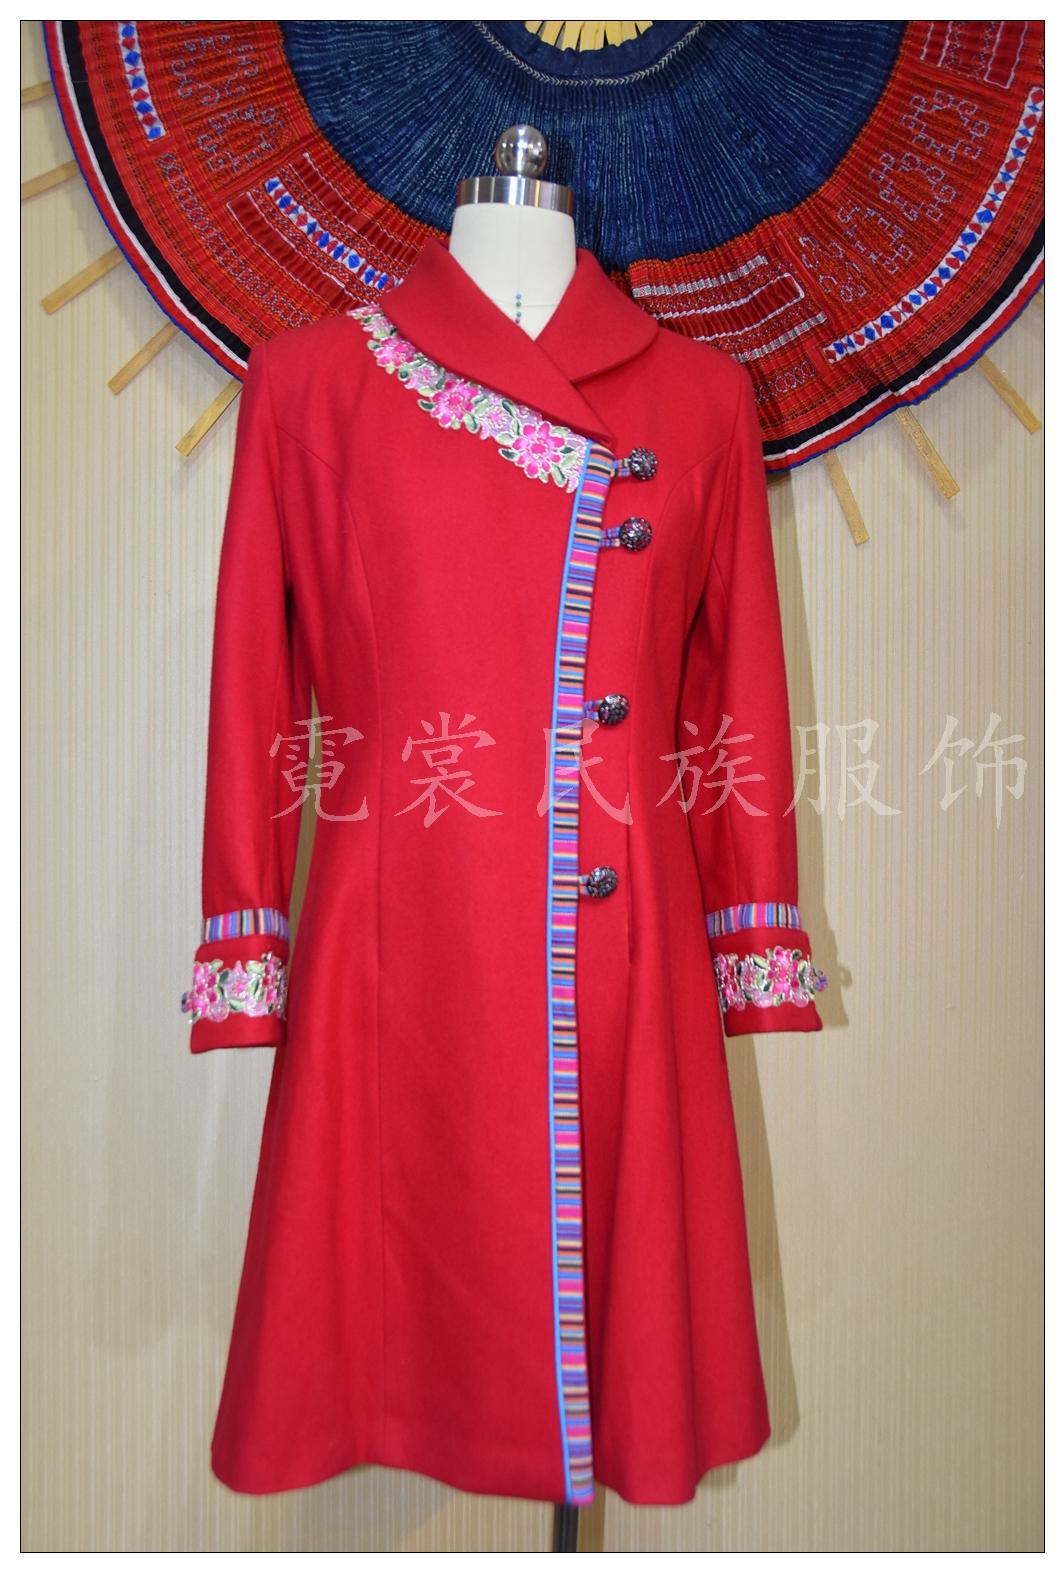 少数民族服装的职业化设计运用